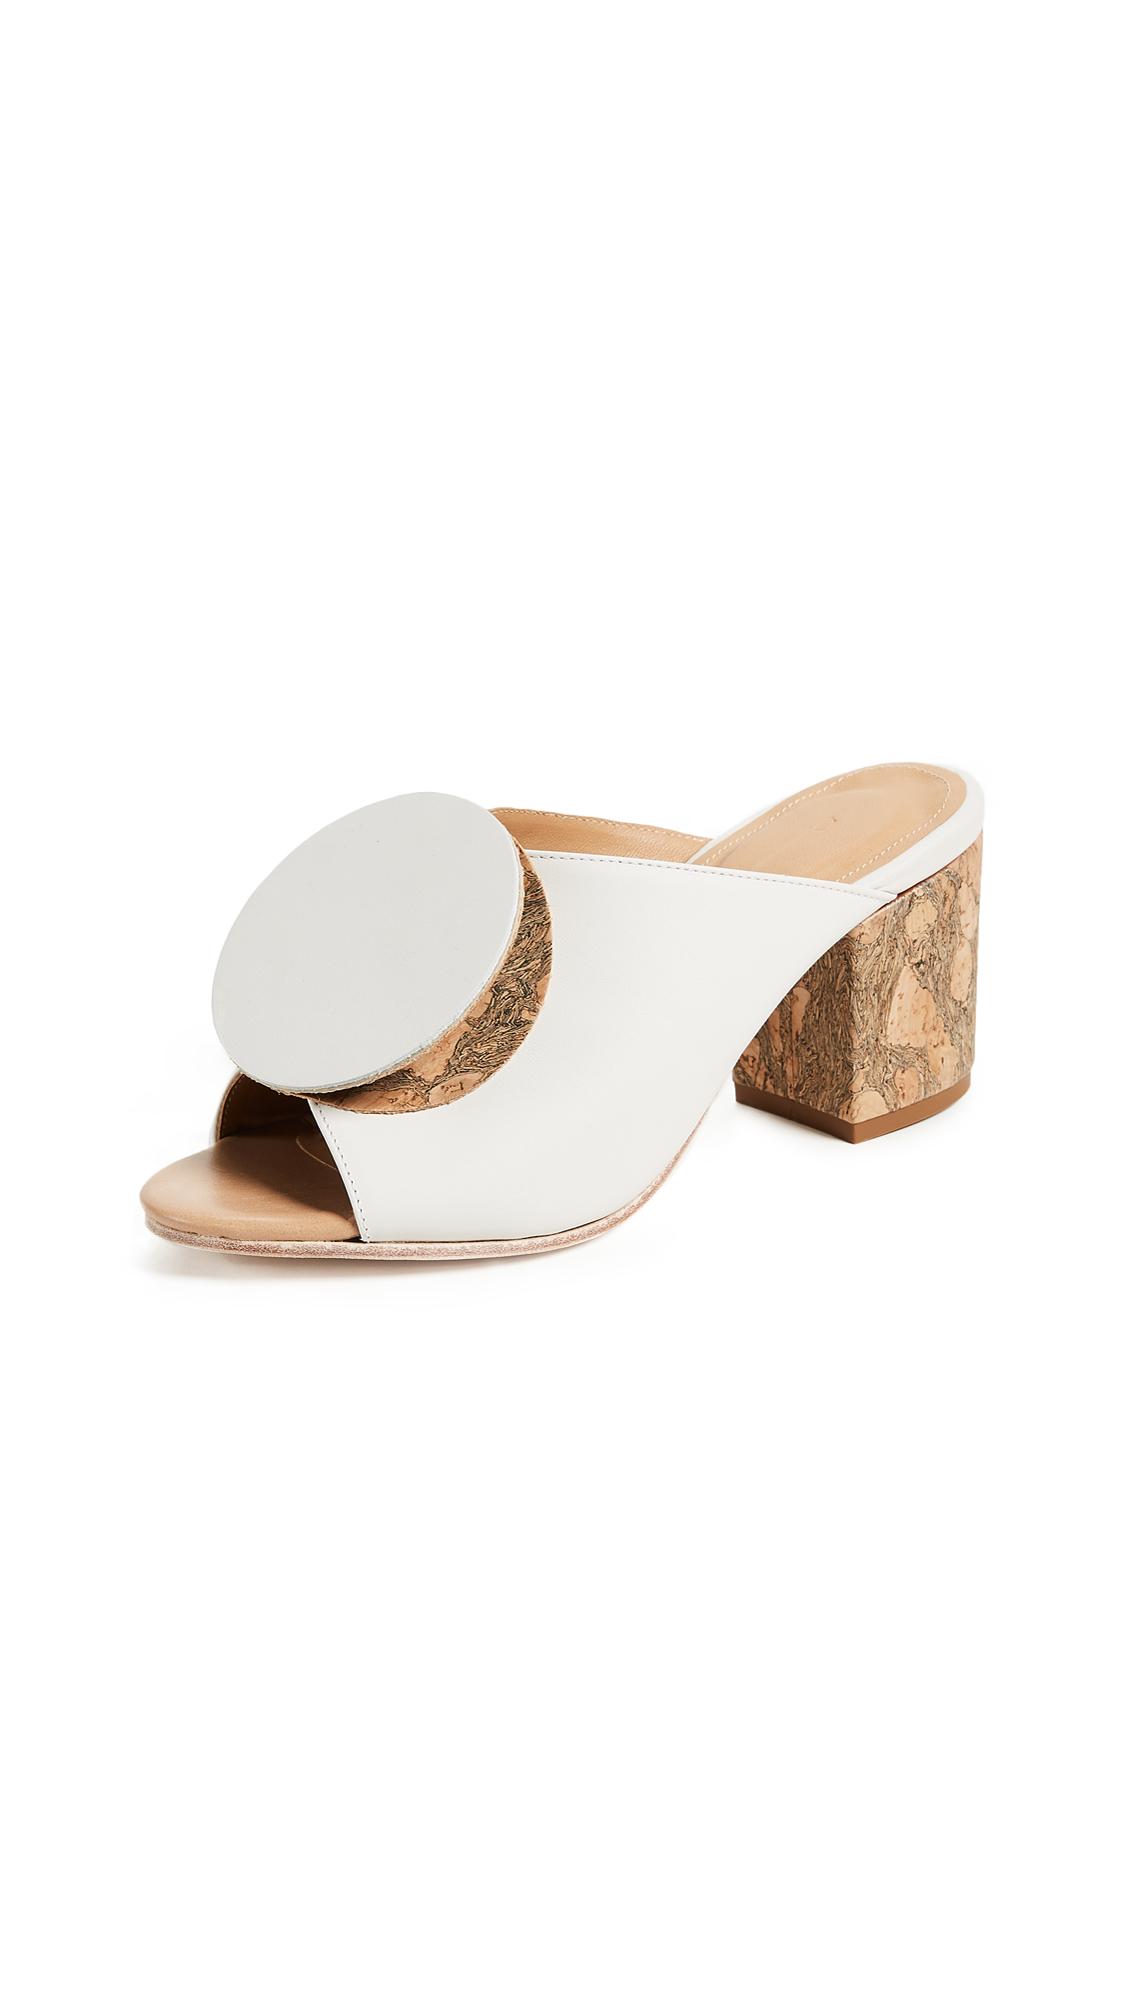 The Palatines Salio Origami Mules - White/Cork